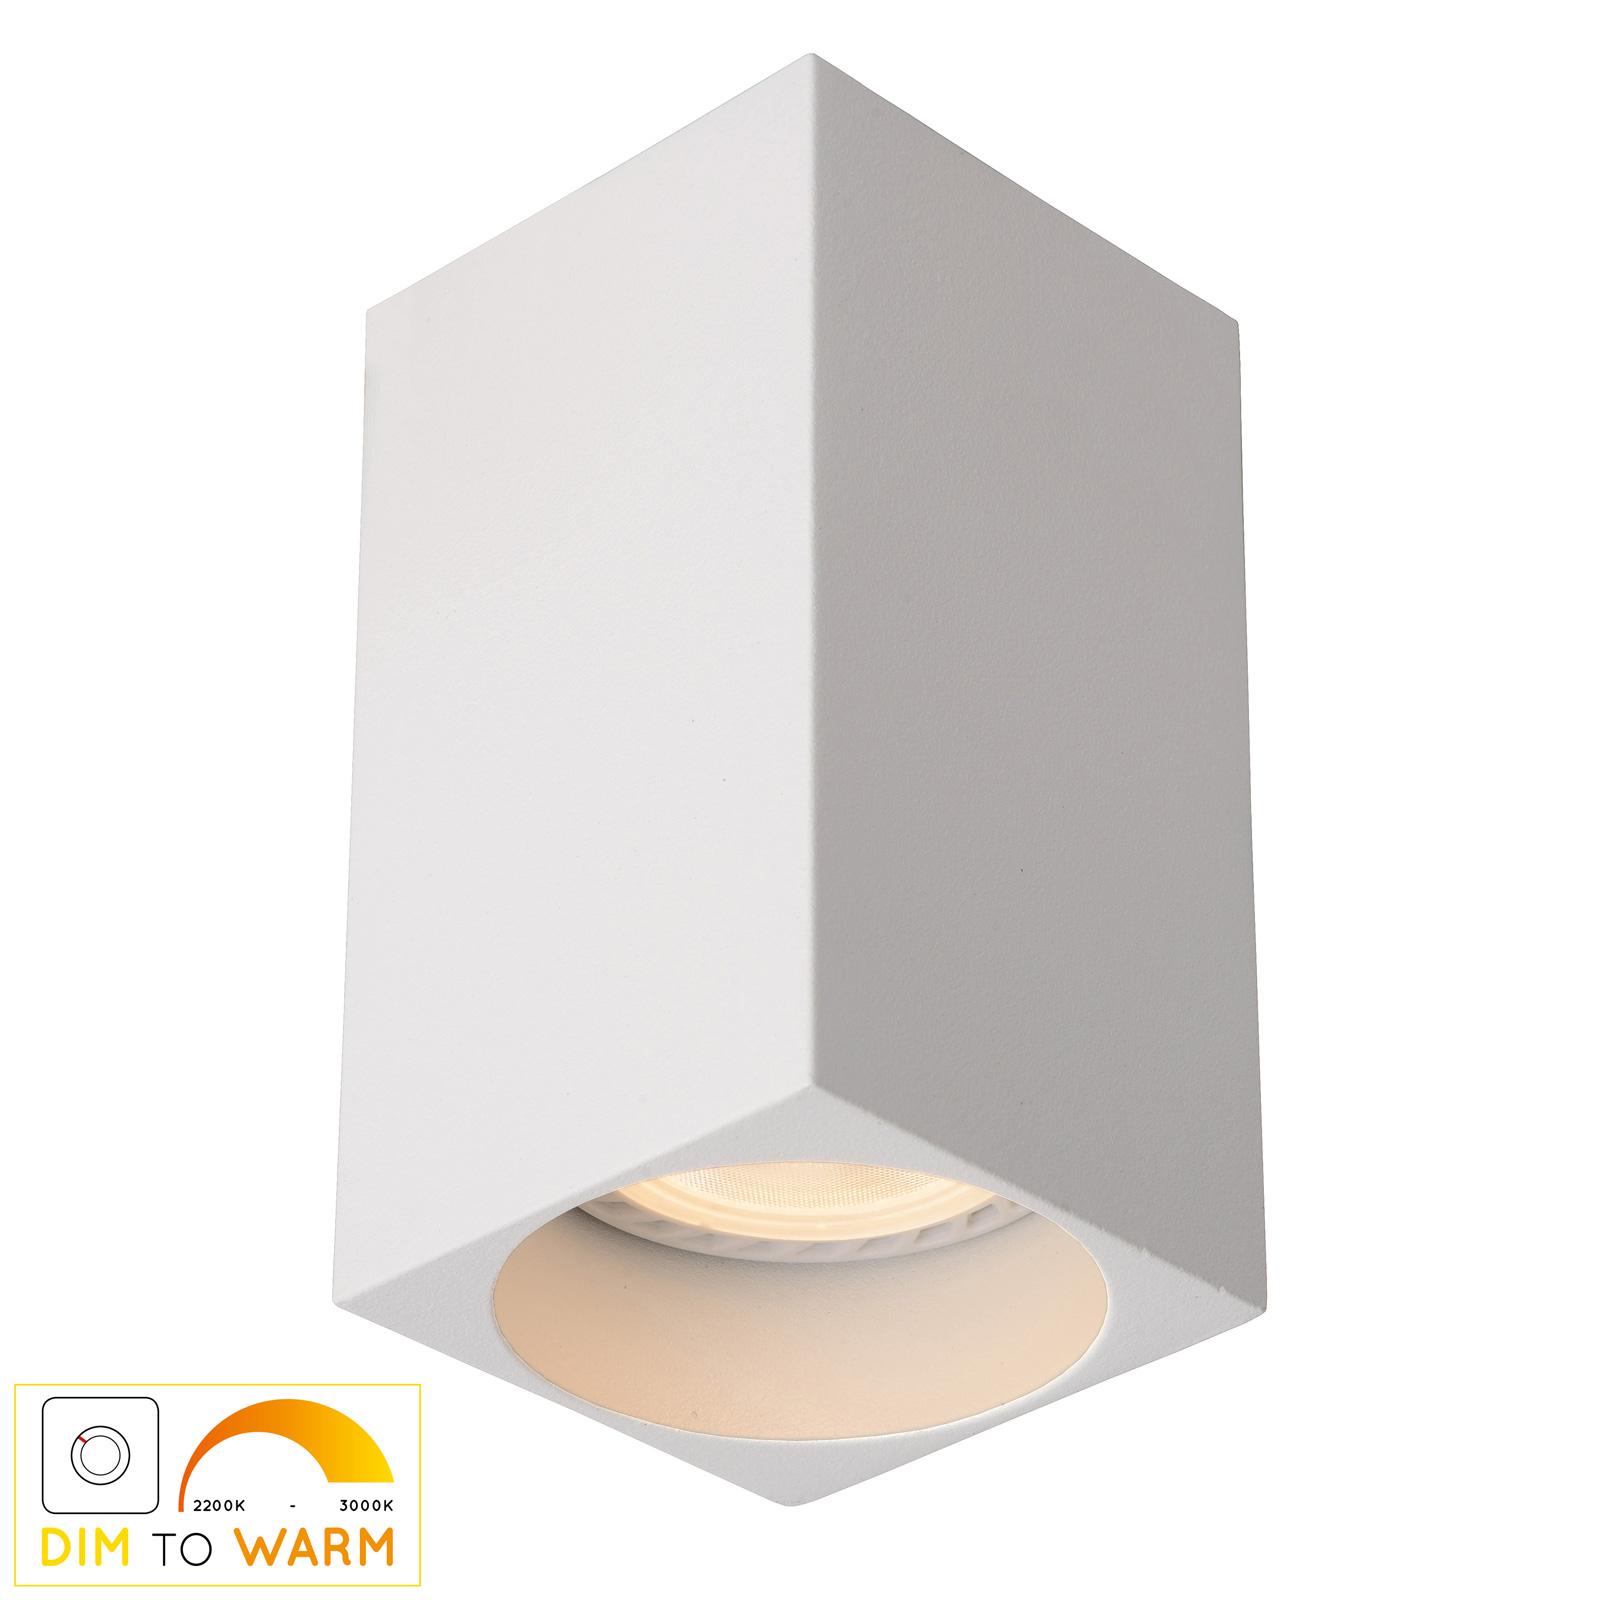 LED-kattovalaisin Delto, kulmikas, valkoinen